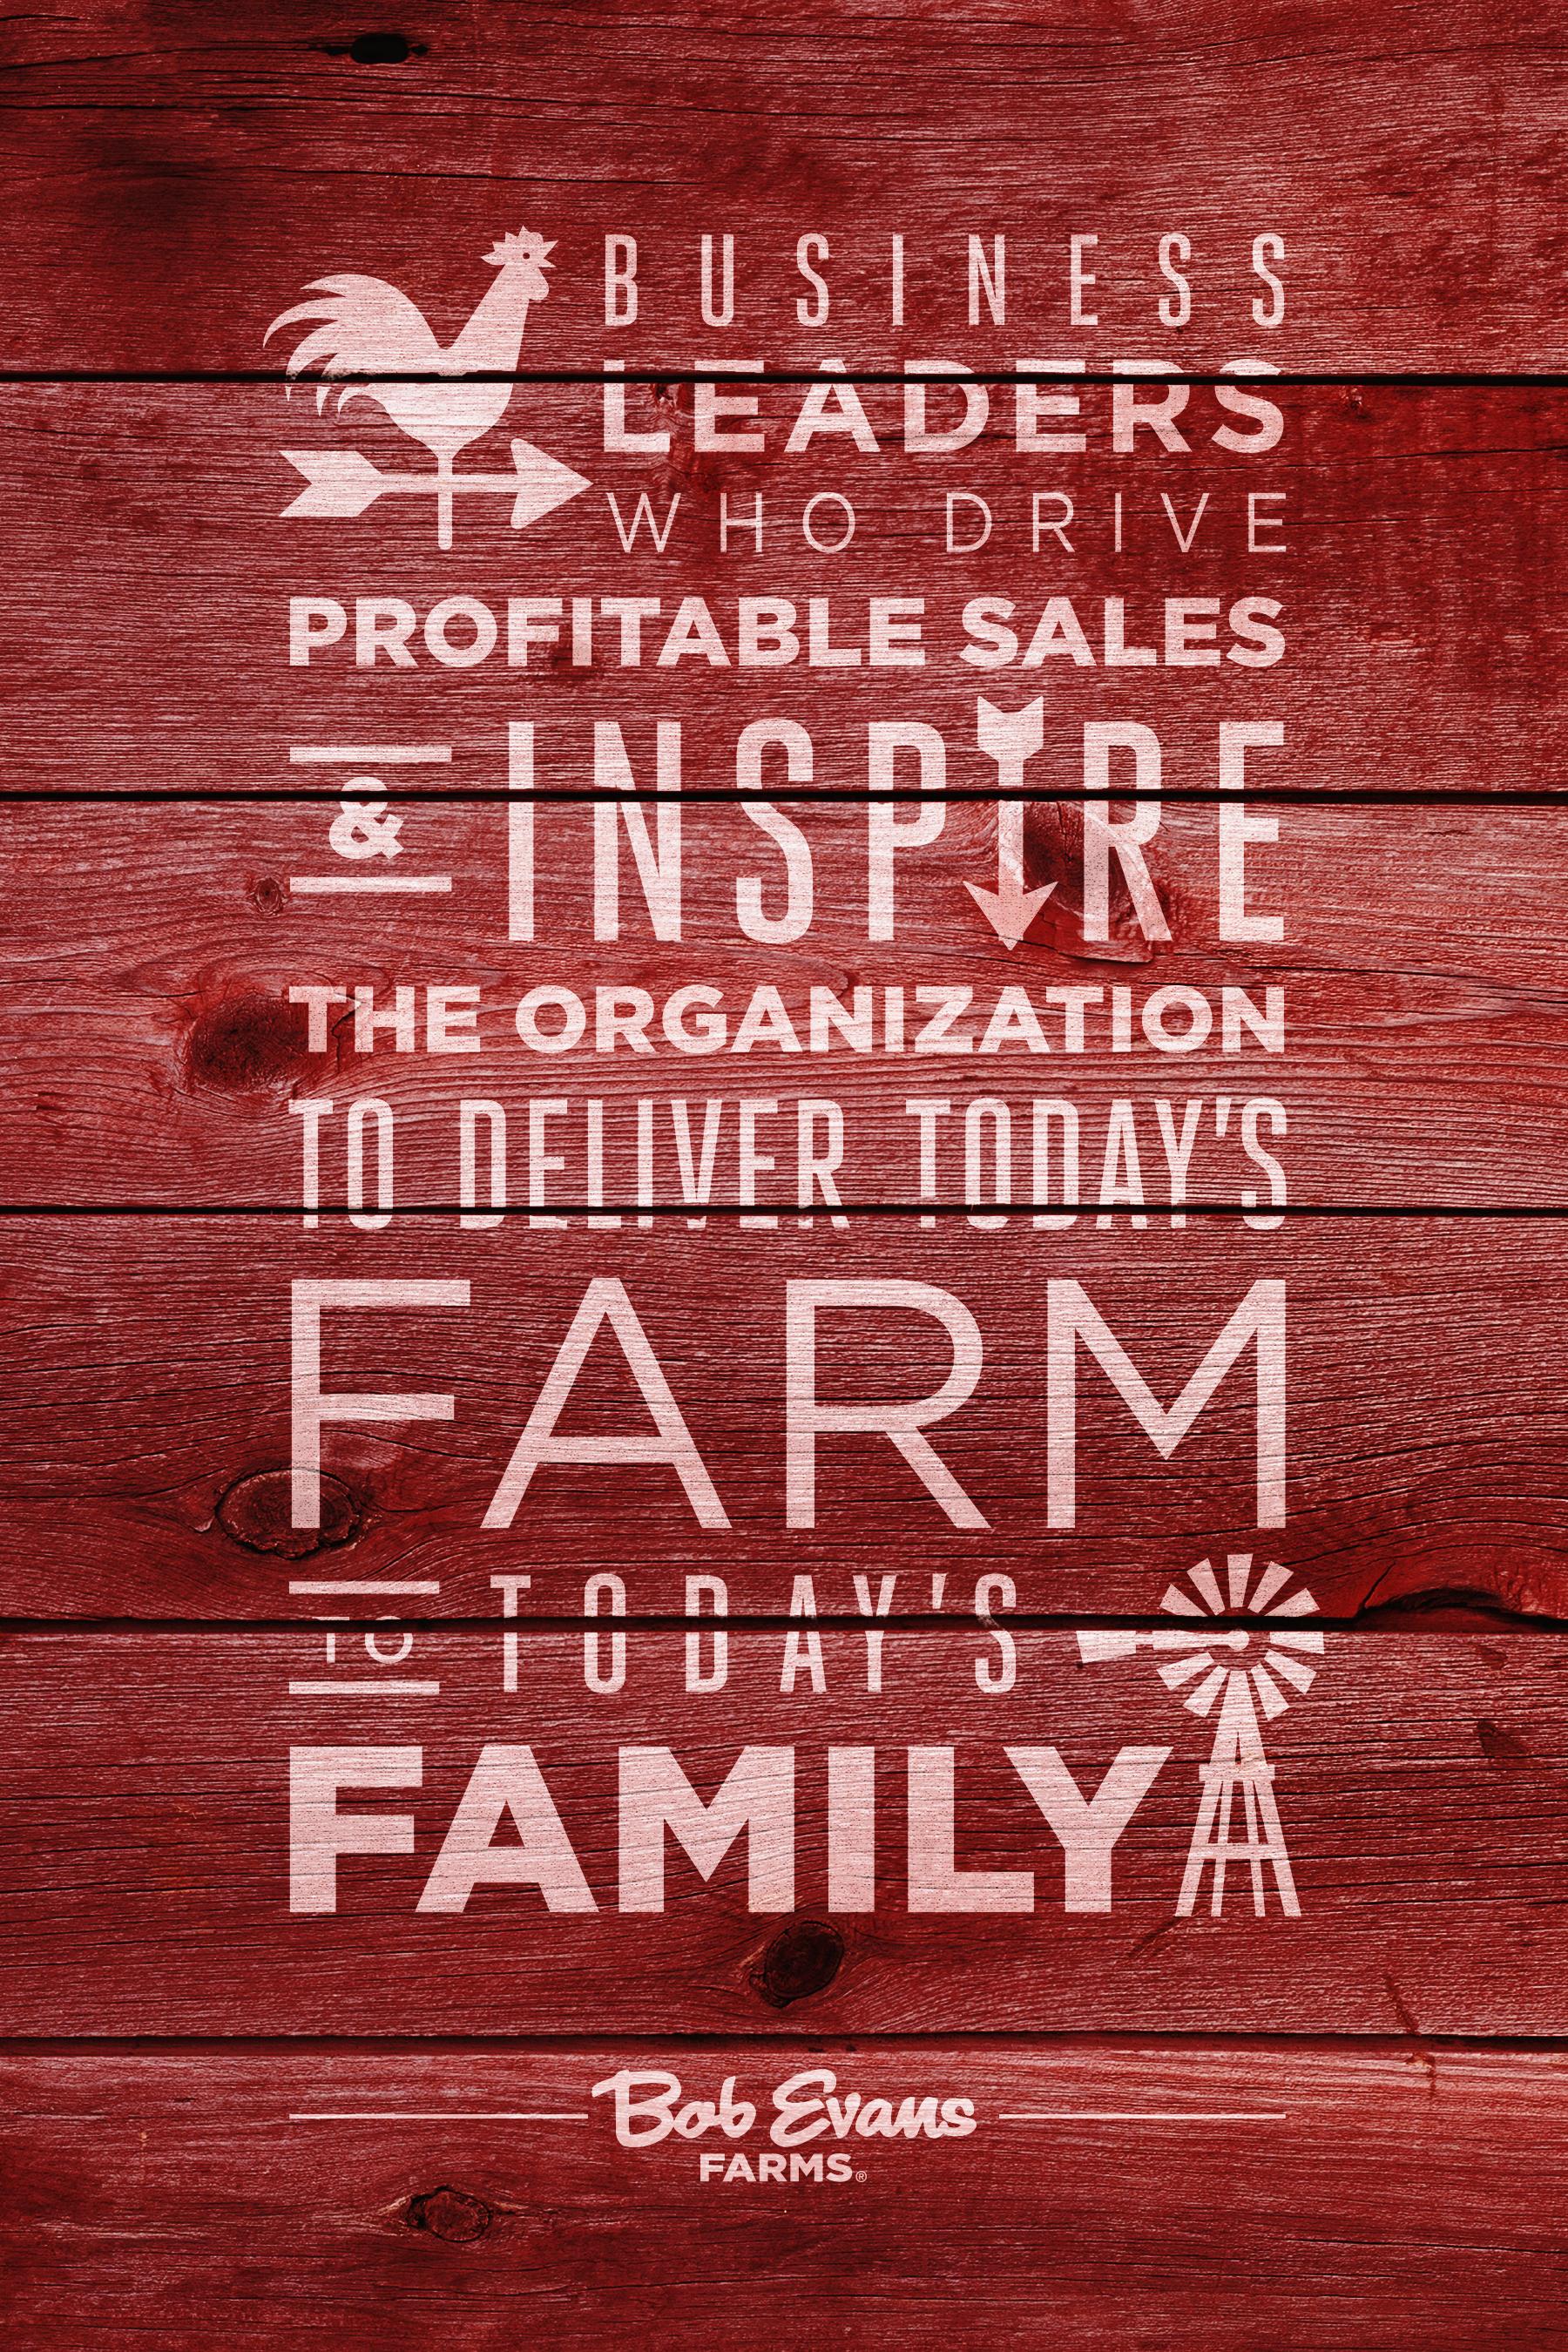 Bob Evans Marketing Manifesto.jpg